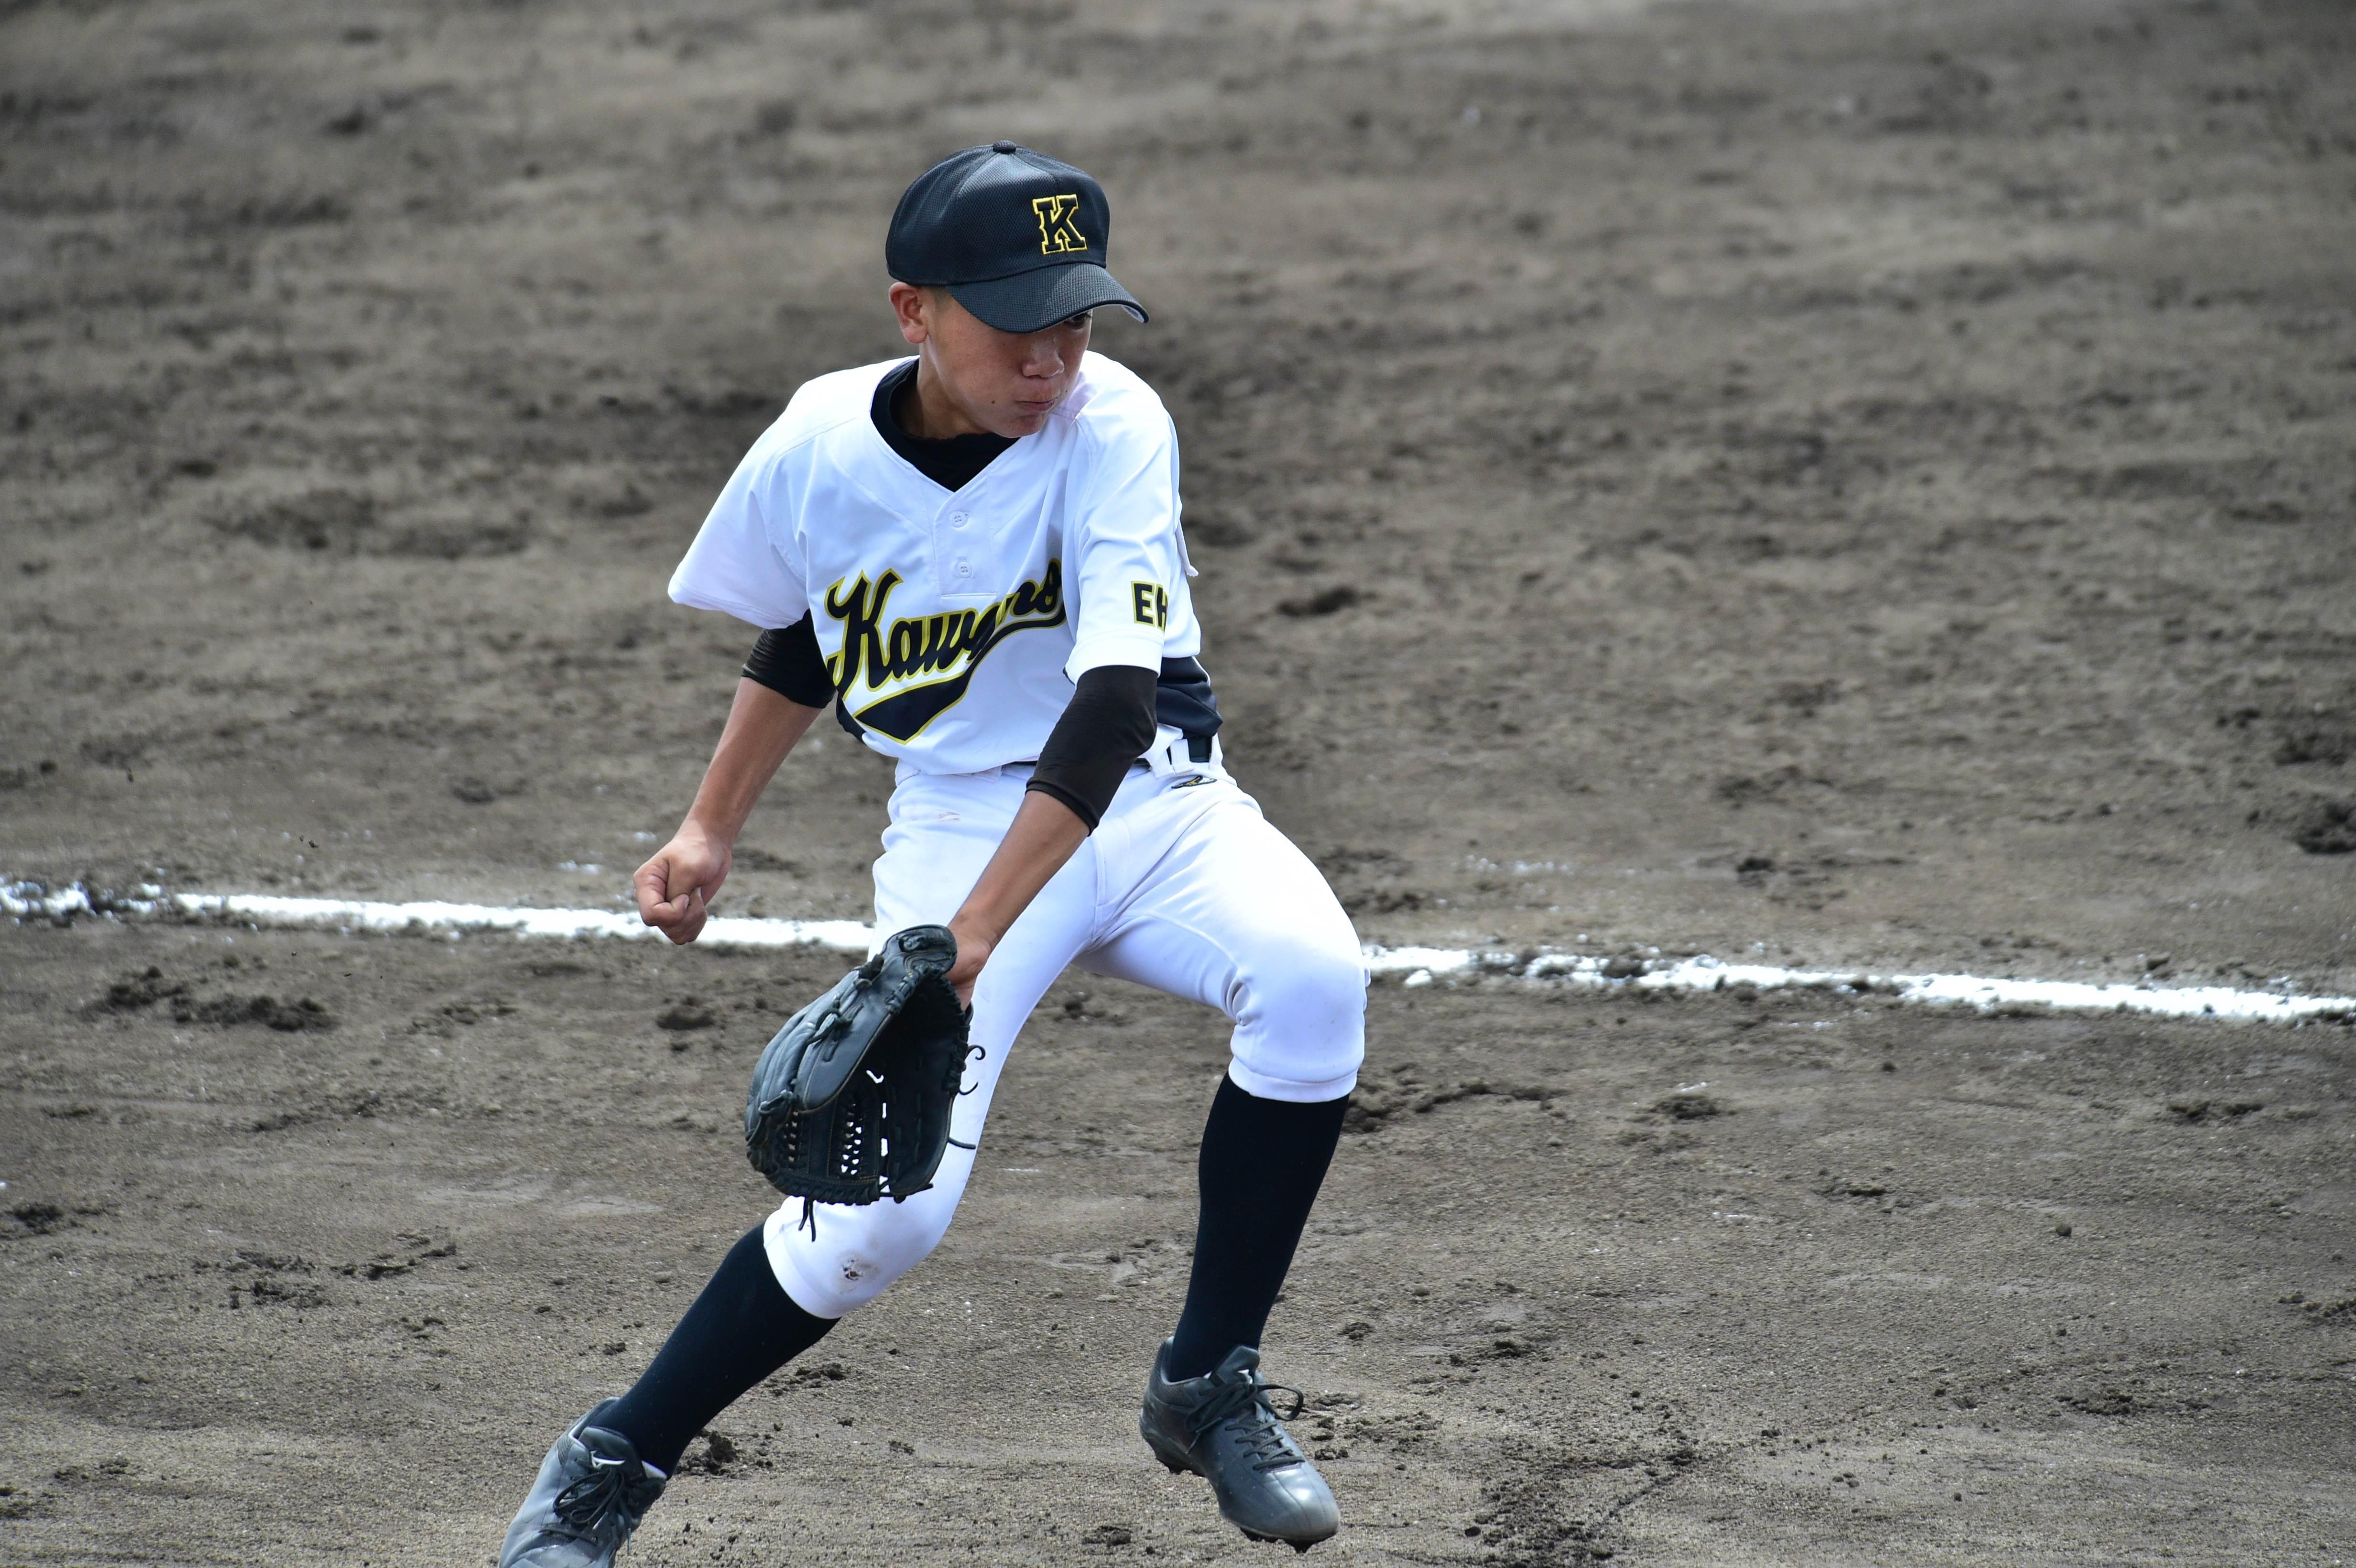 軟式野球 (164)